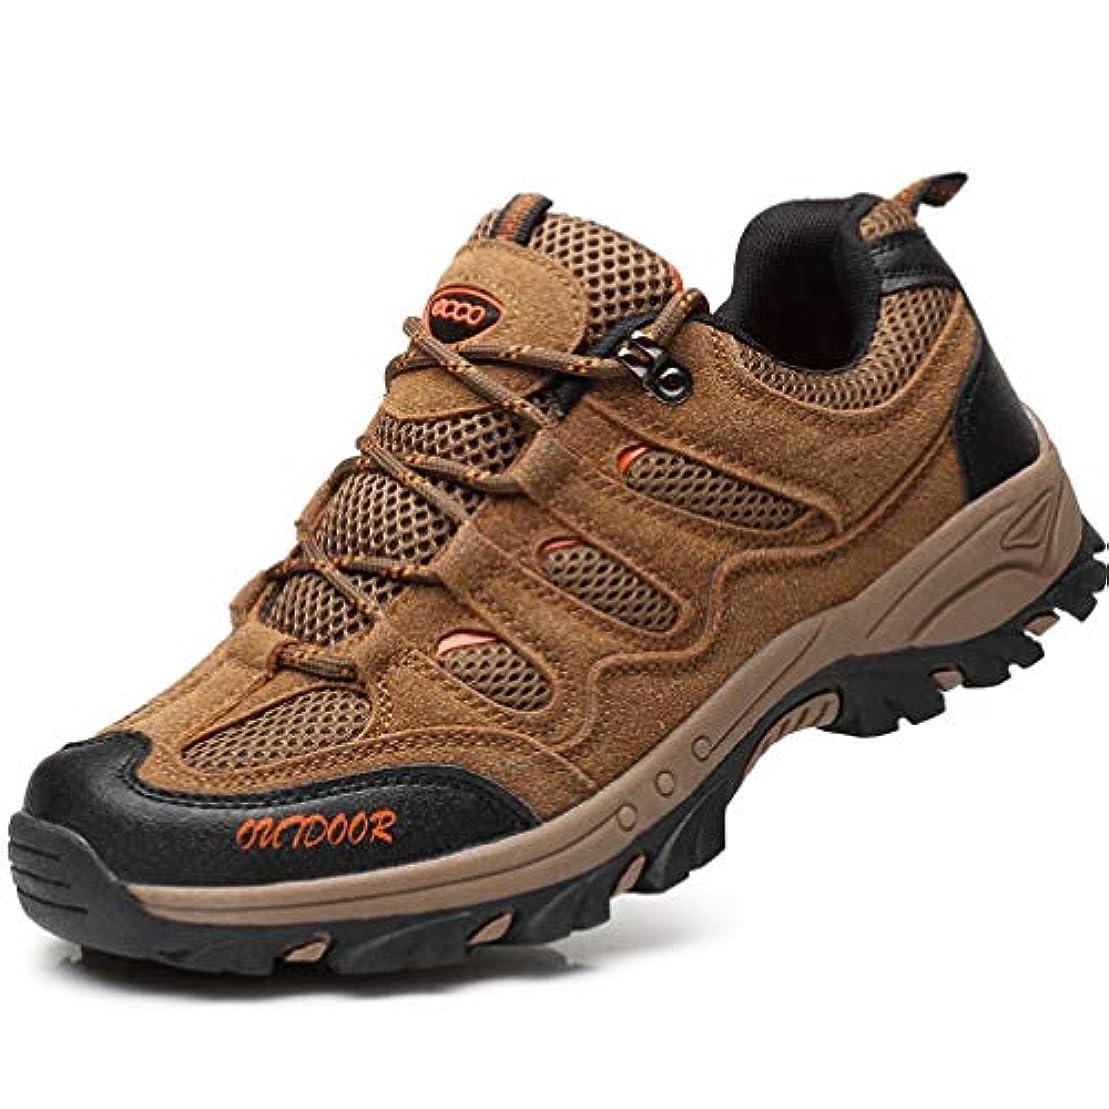 ひばりセイはさておき広々大きいサイズ 登山靴 トレッキングシューズ ハイキング メンズ おしゃれ 防水 通気 軽い アウトドア レースアップ ウォークシューズ 滑りにくい カーキ ダークグリーン グレー 27cm